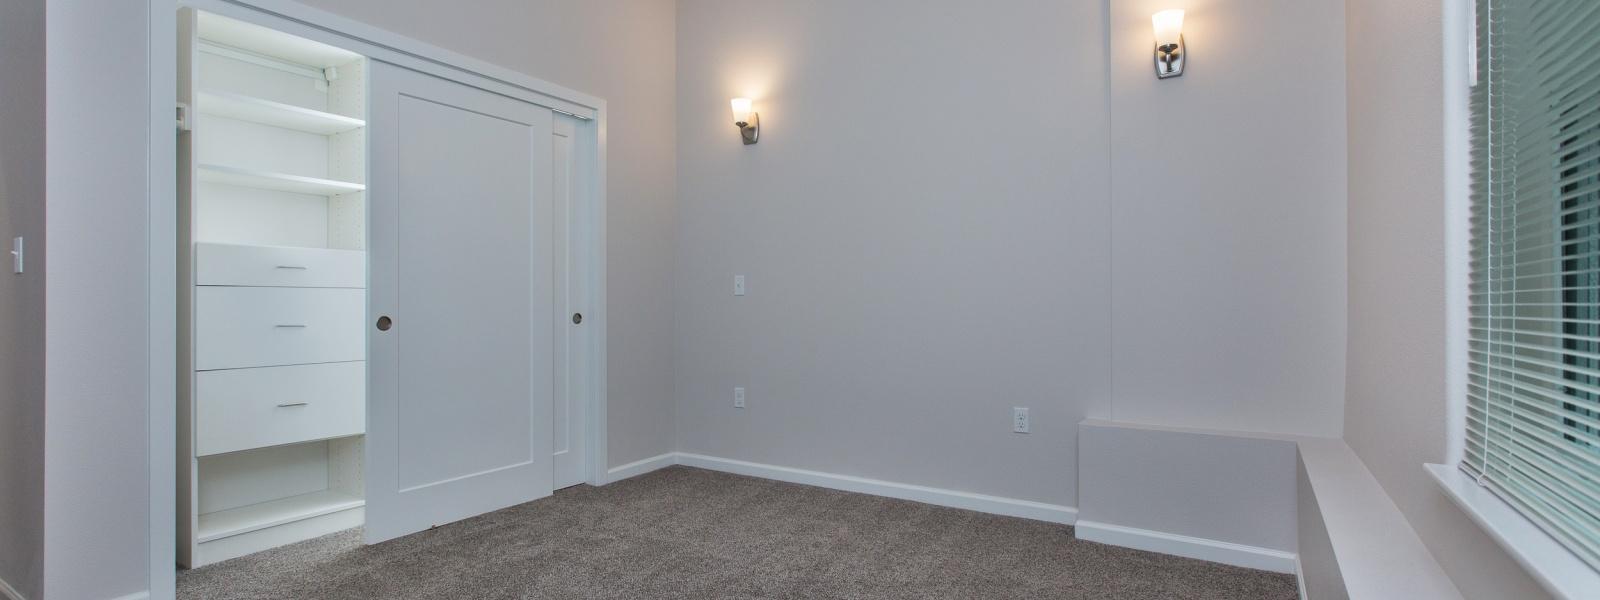 2817 Breezewood Drive, Anchorage, 99517, 2 Bedrooms Bedrooms, ,1 BathroomBathrooms,Duplex,For Rent,Breezewood Drive,1066